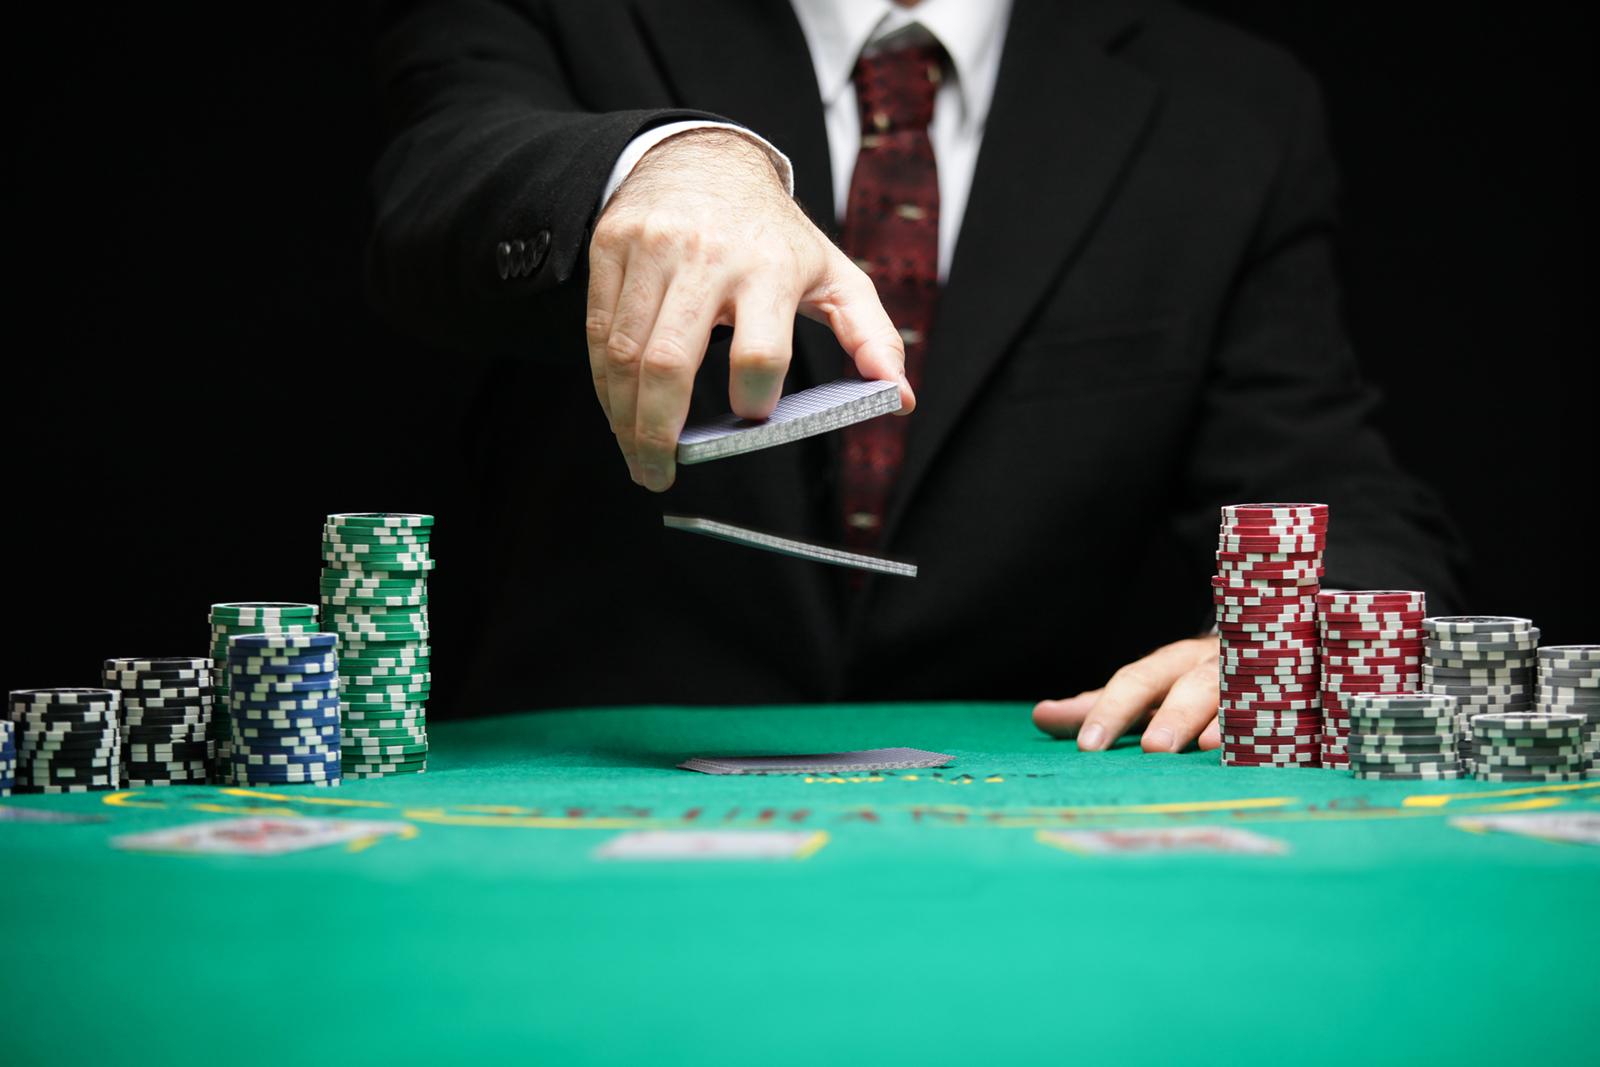 پوکر بازی در معامله گری